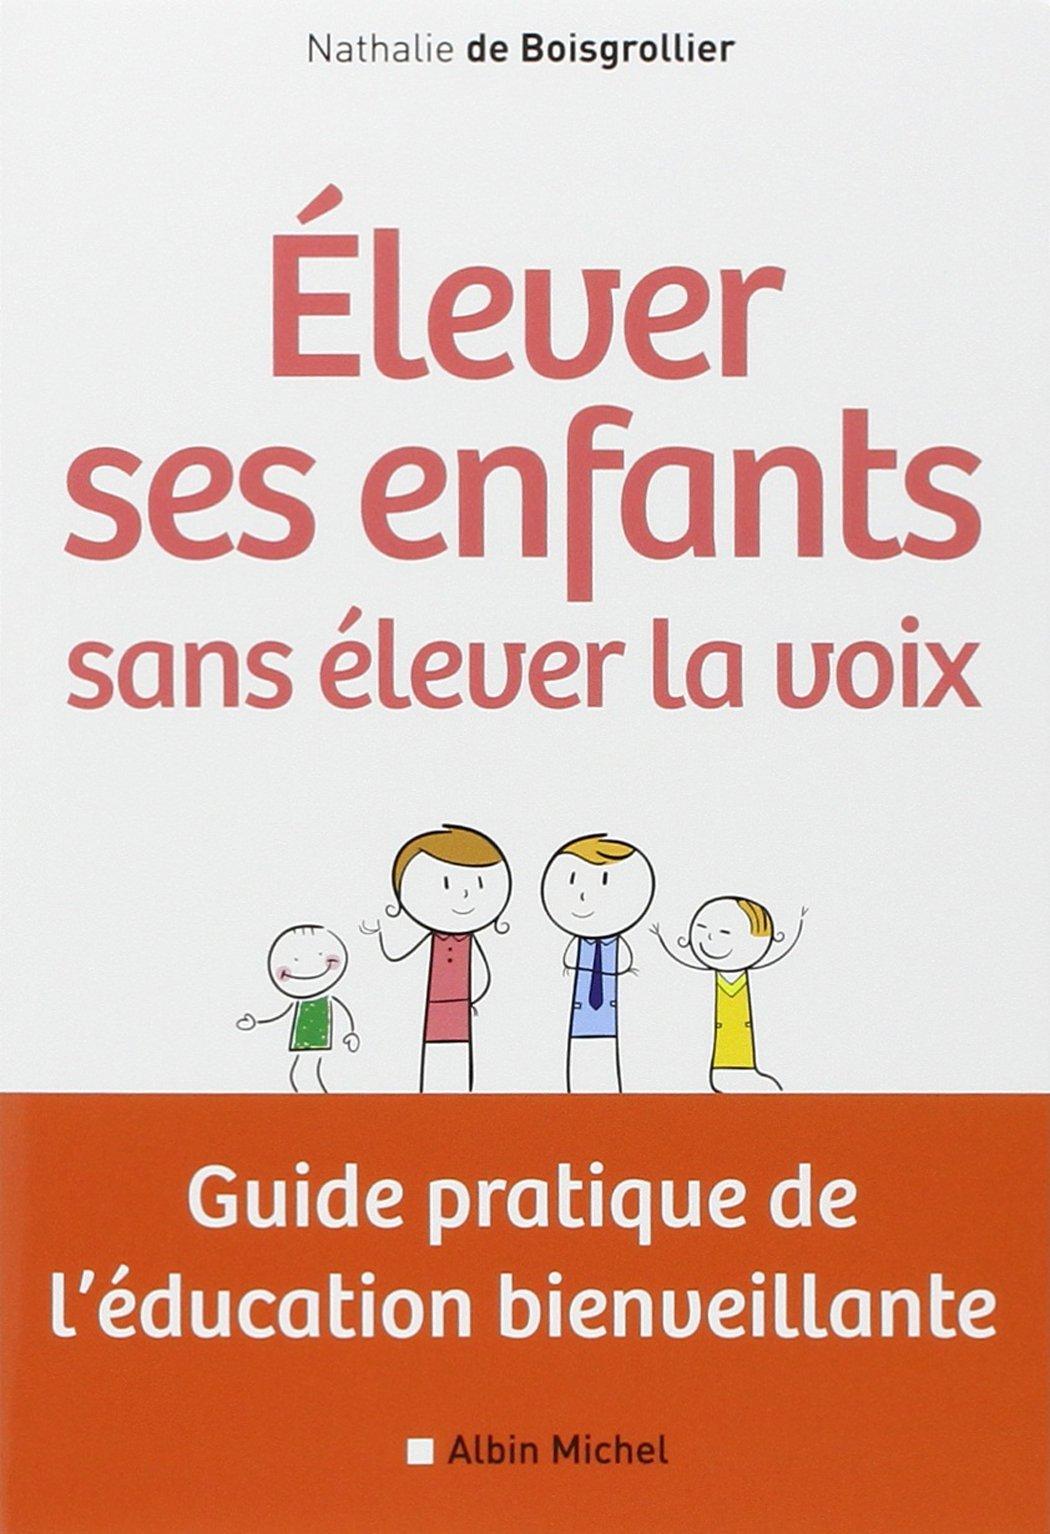 Amazon.fr - Elever ses enfants sans élever la voix: Guide pratique de  l'éducation bienveillante - Nathalie de Boisgrollier - Livres